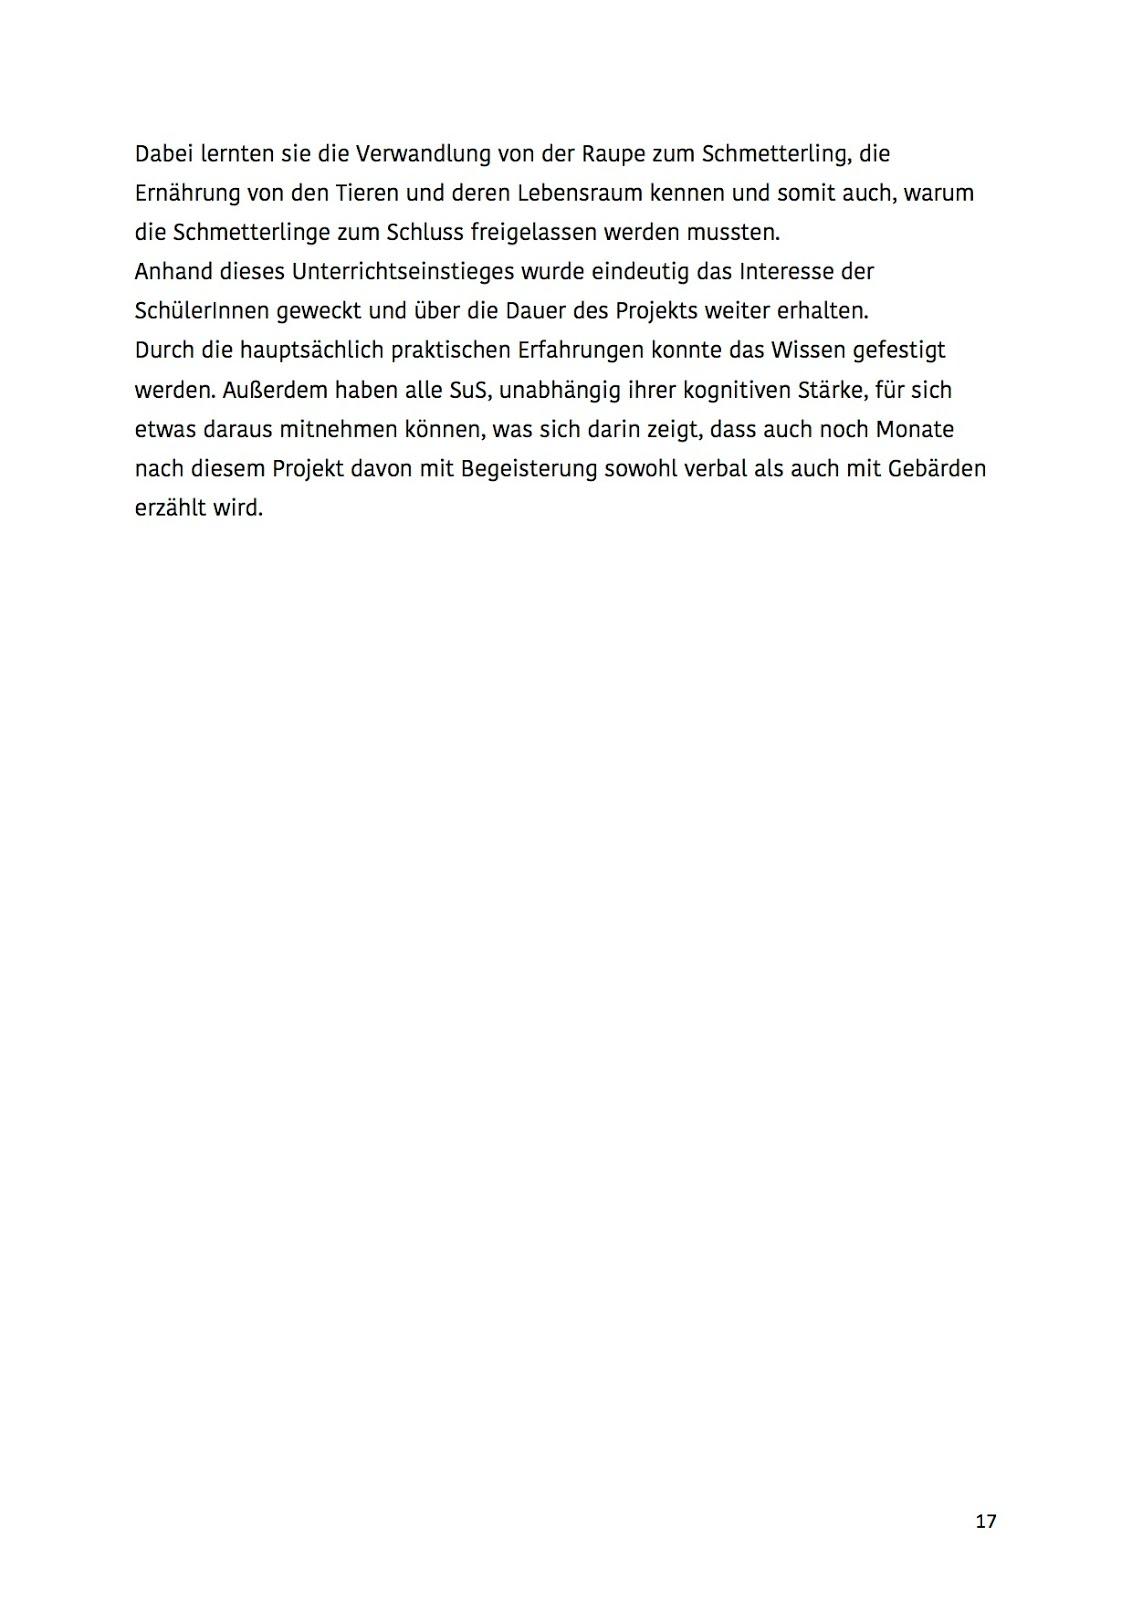 Einführung in die Fachdidaktik: Interessen und Motivation im ...